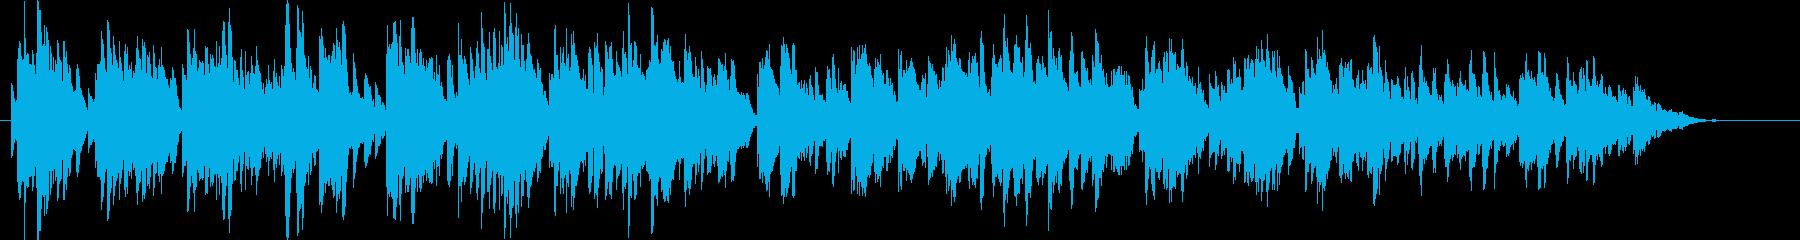 4拍子の優しい鉄琴の子守唄の再生済みの波形